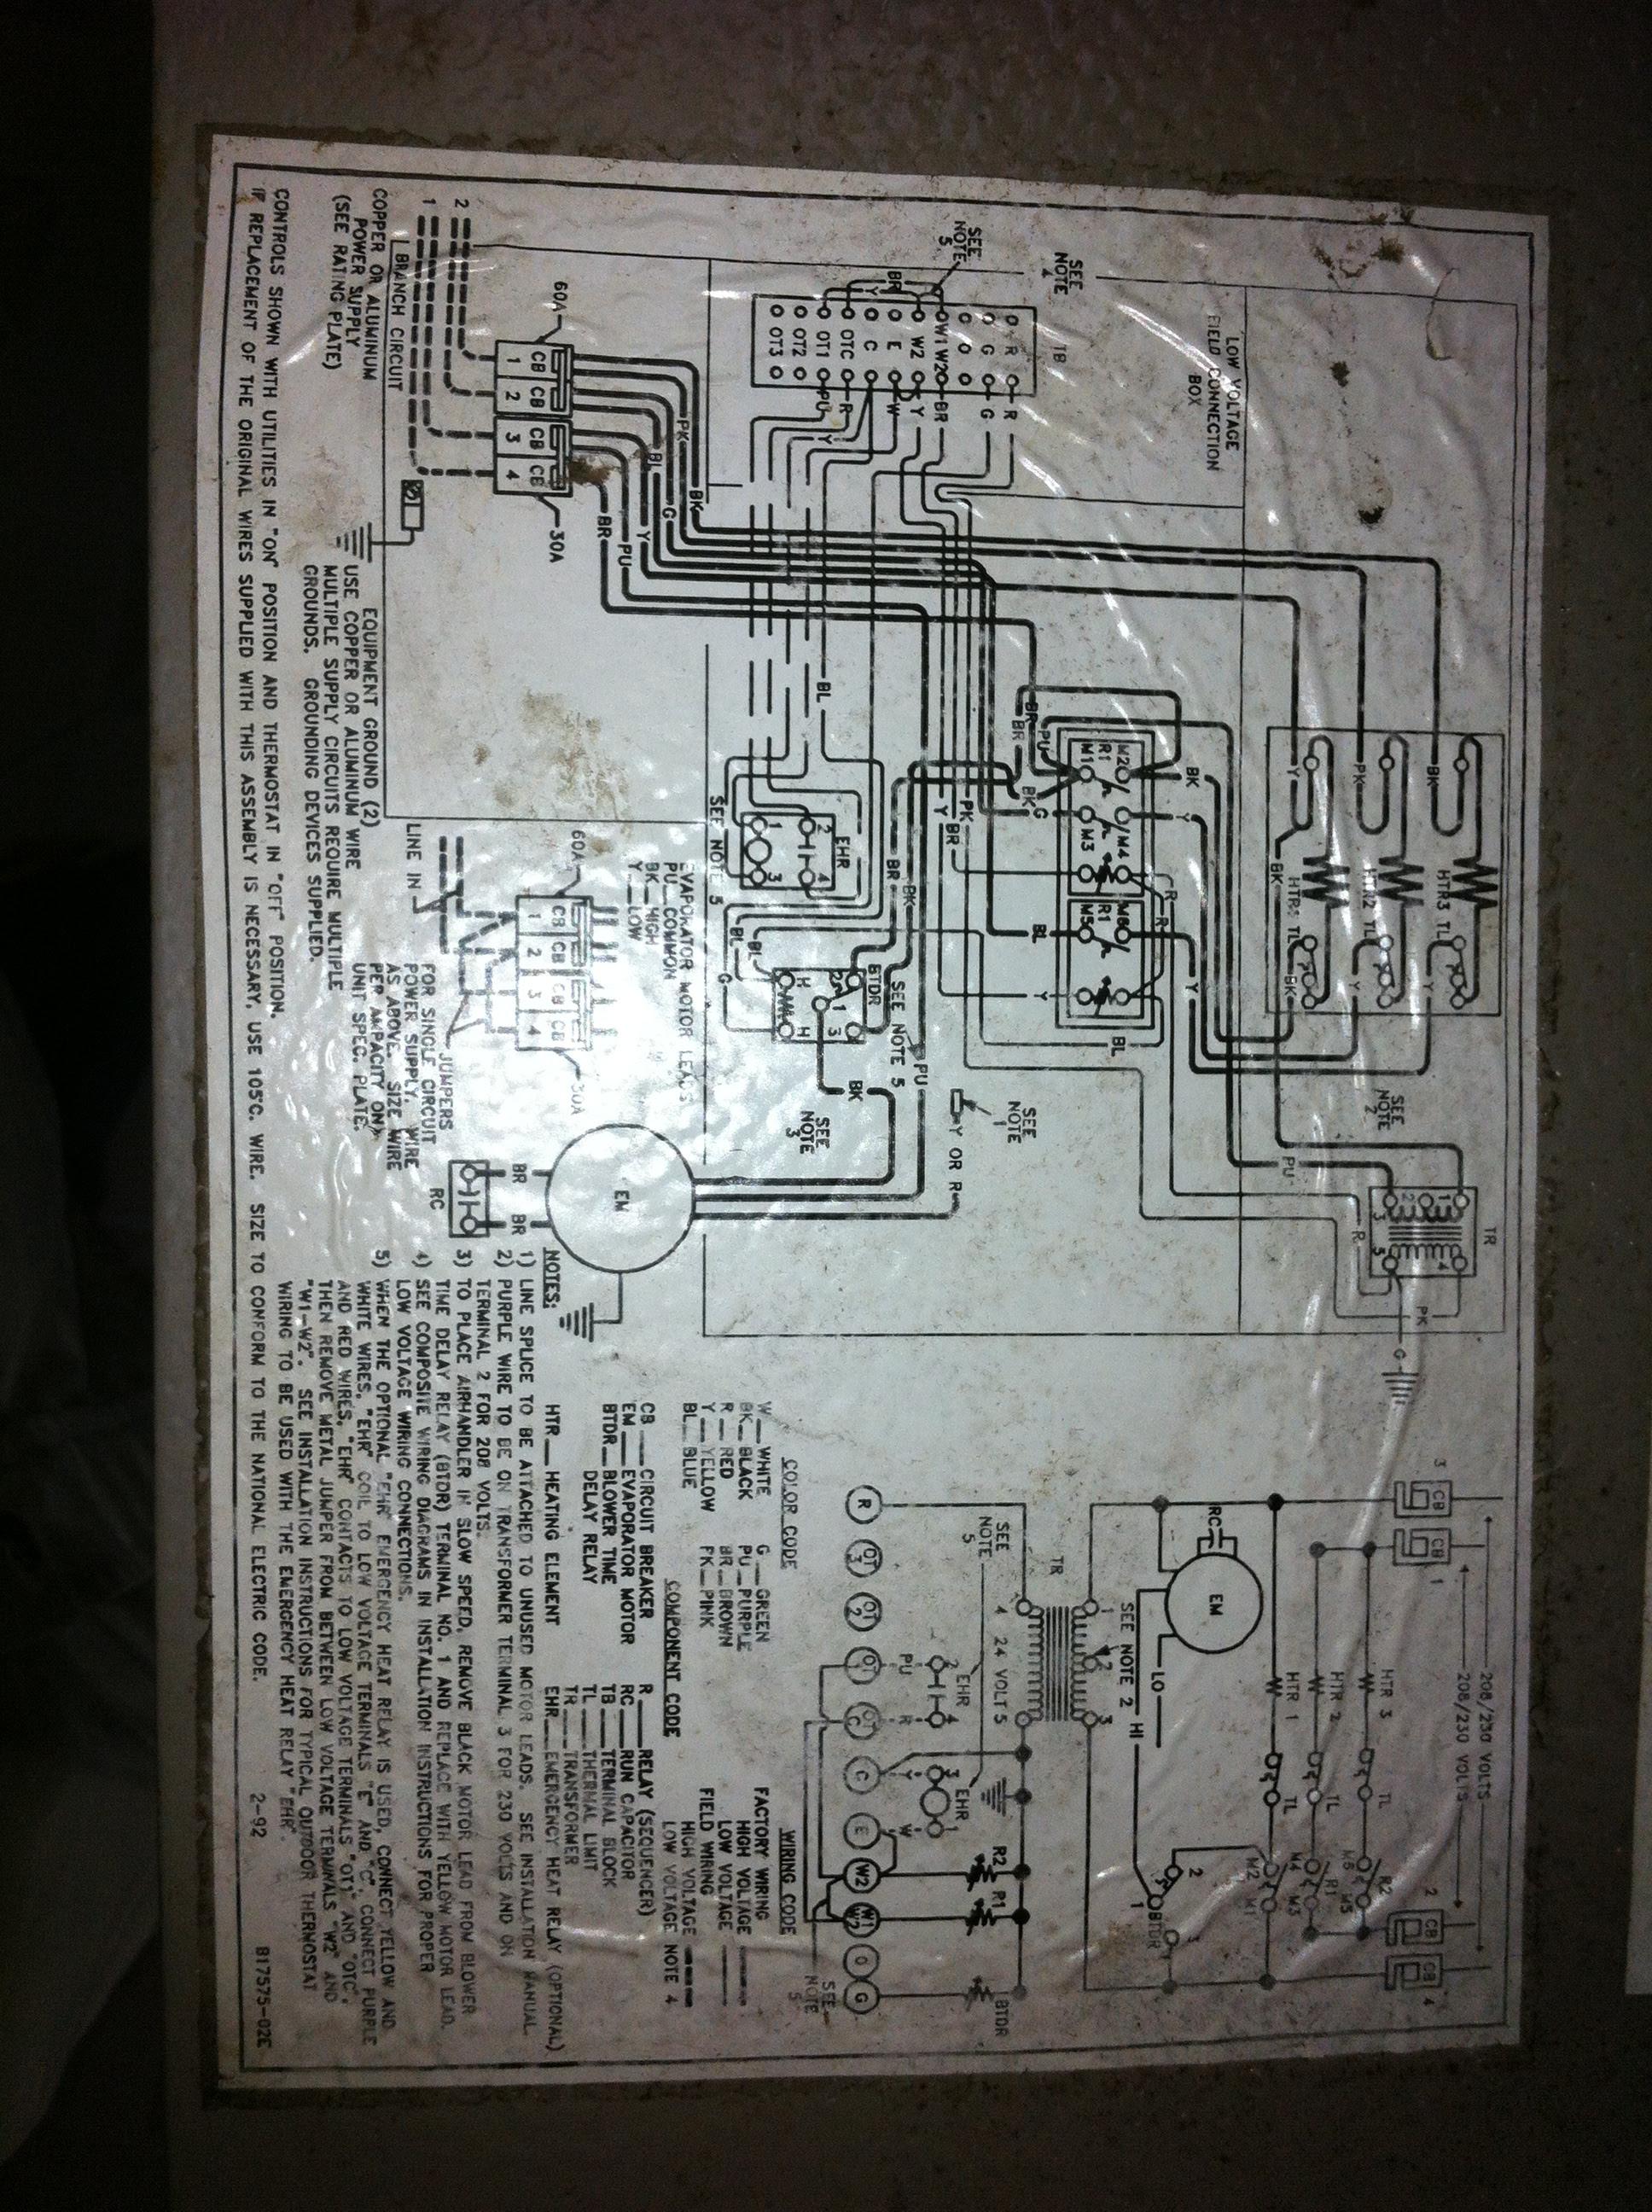 Ruud Wiring Diagram Air Handler